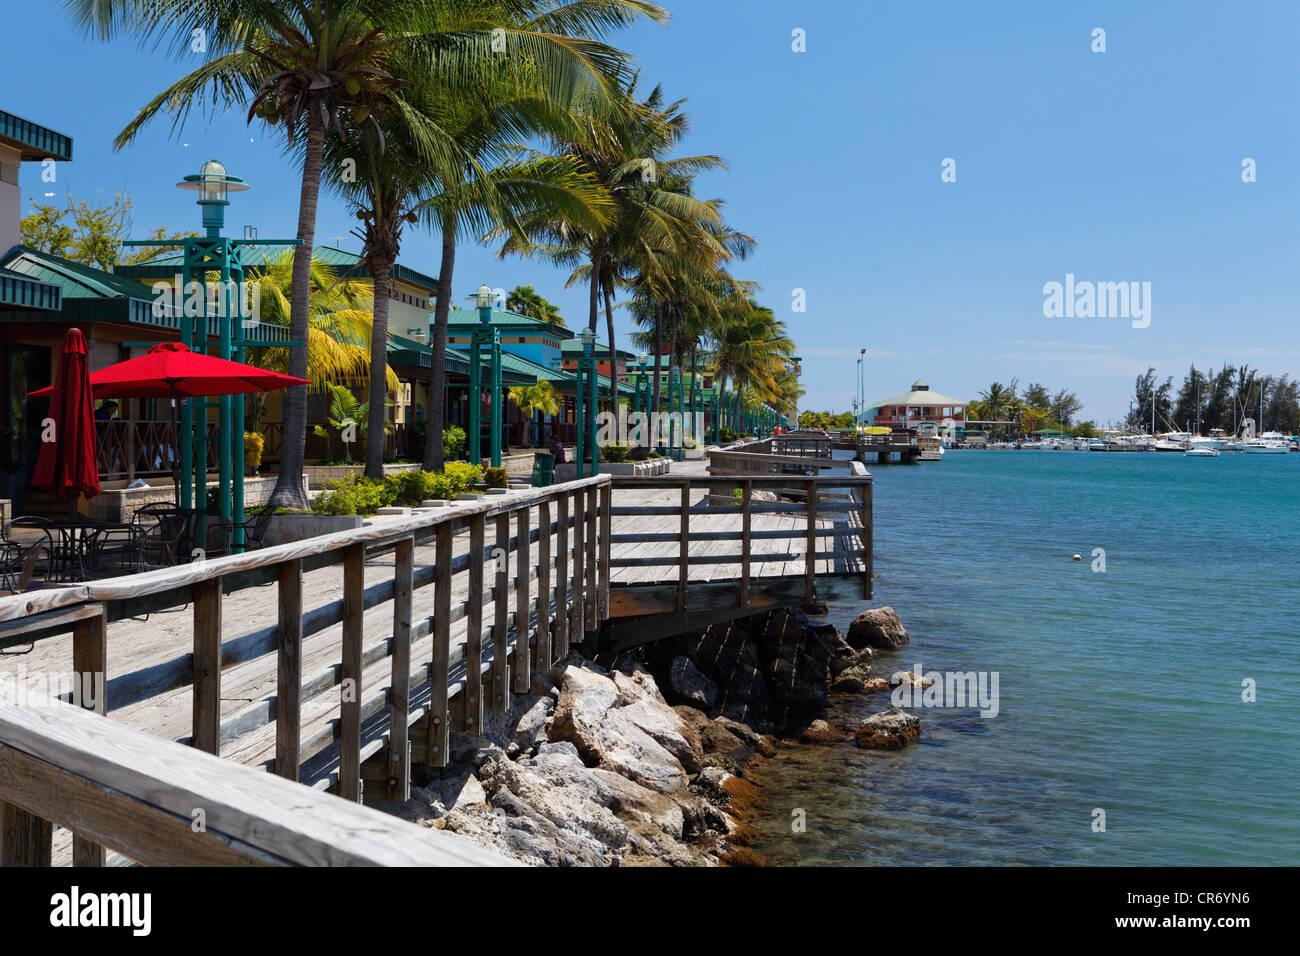 Quioscos de comida en el muelle; la Playa de Ponce, Puerto Rico Imagen De Stock